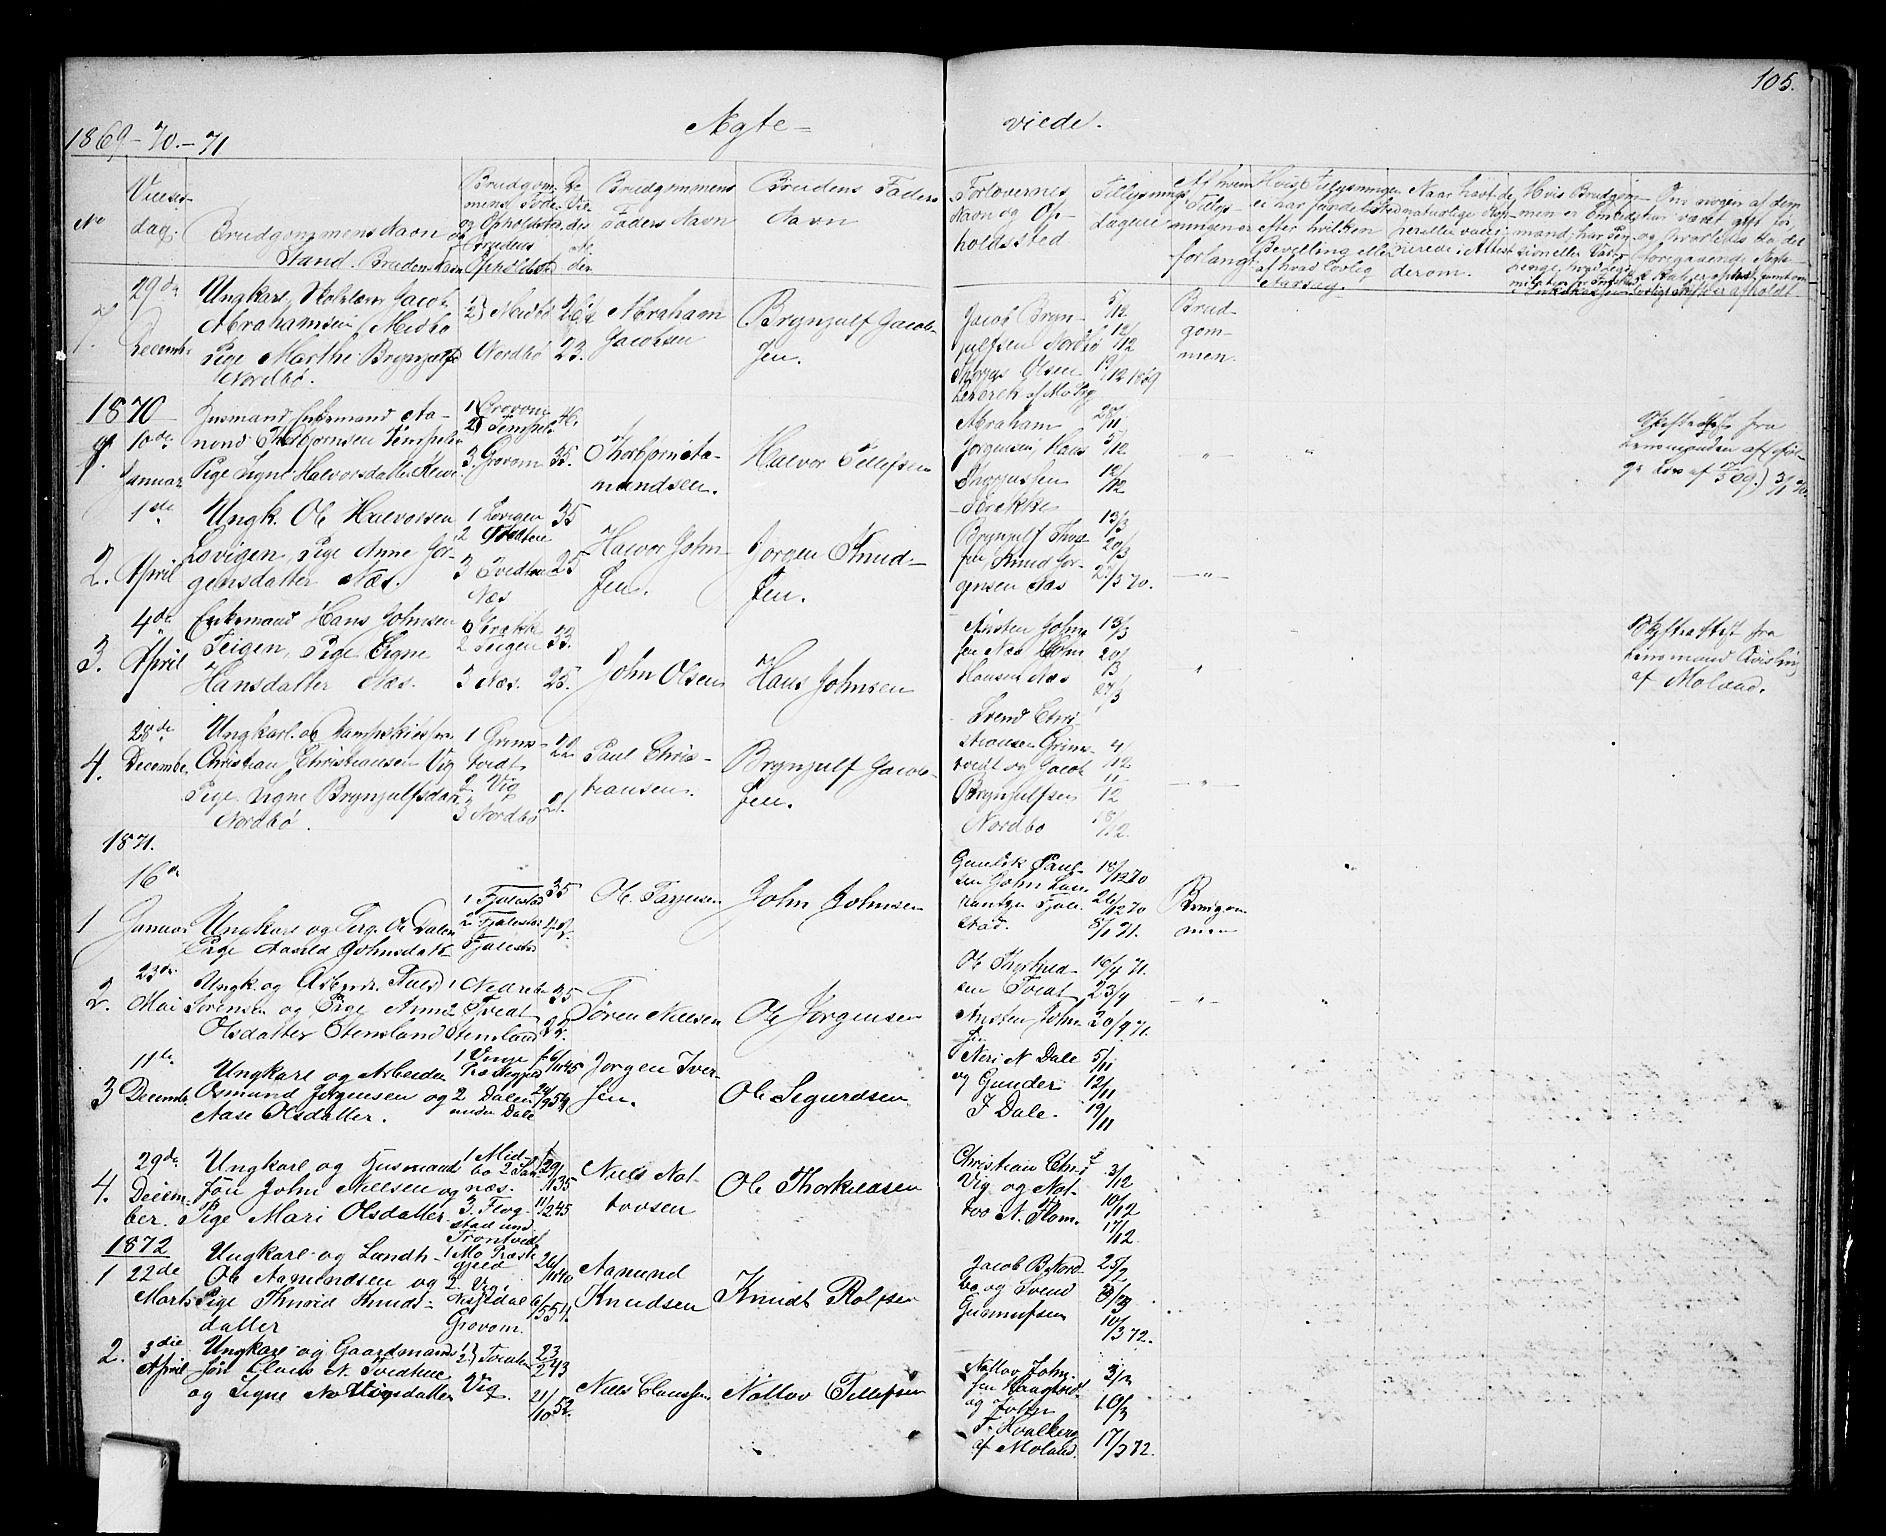 SAKO, Nissedal kirkebøker, G/Ga/L0002: Klokkerbok nr. I 2, 1861-1887, s. 105